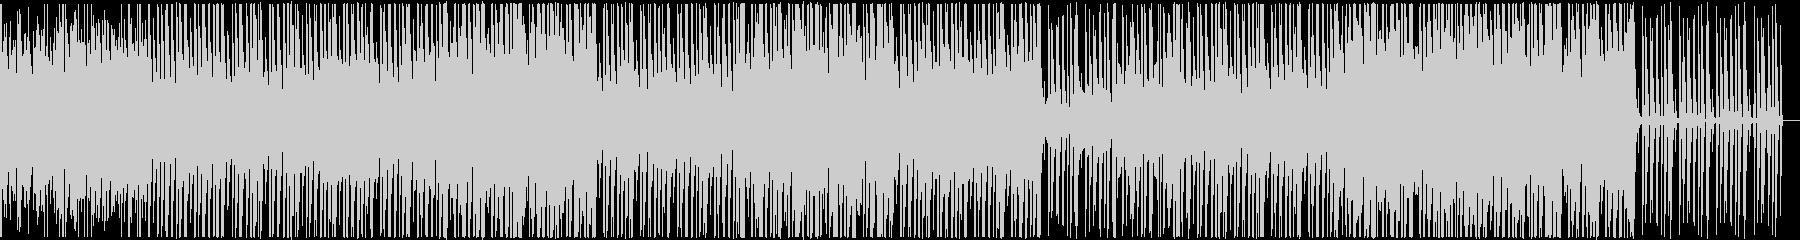 独特なドラムビートのBGMの未再生の波形